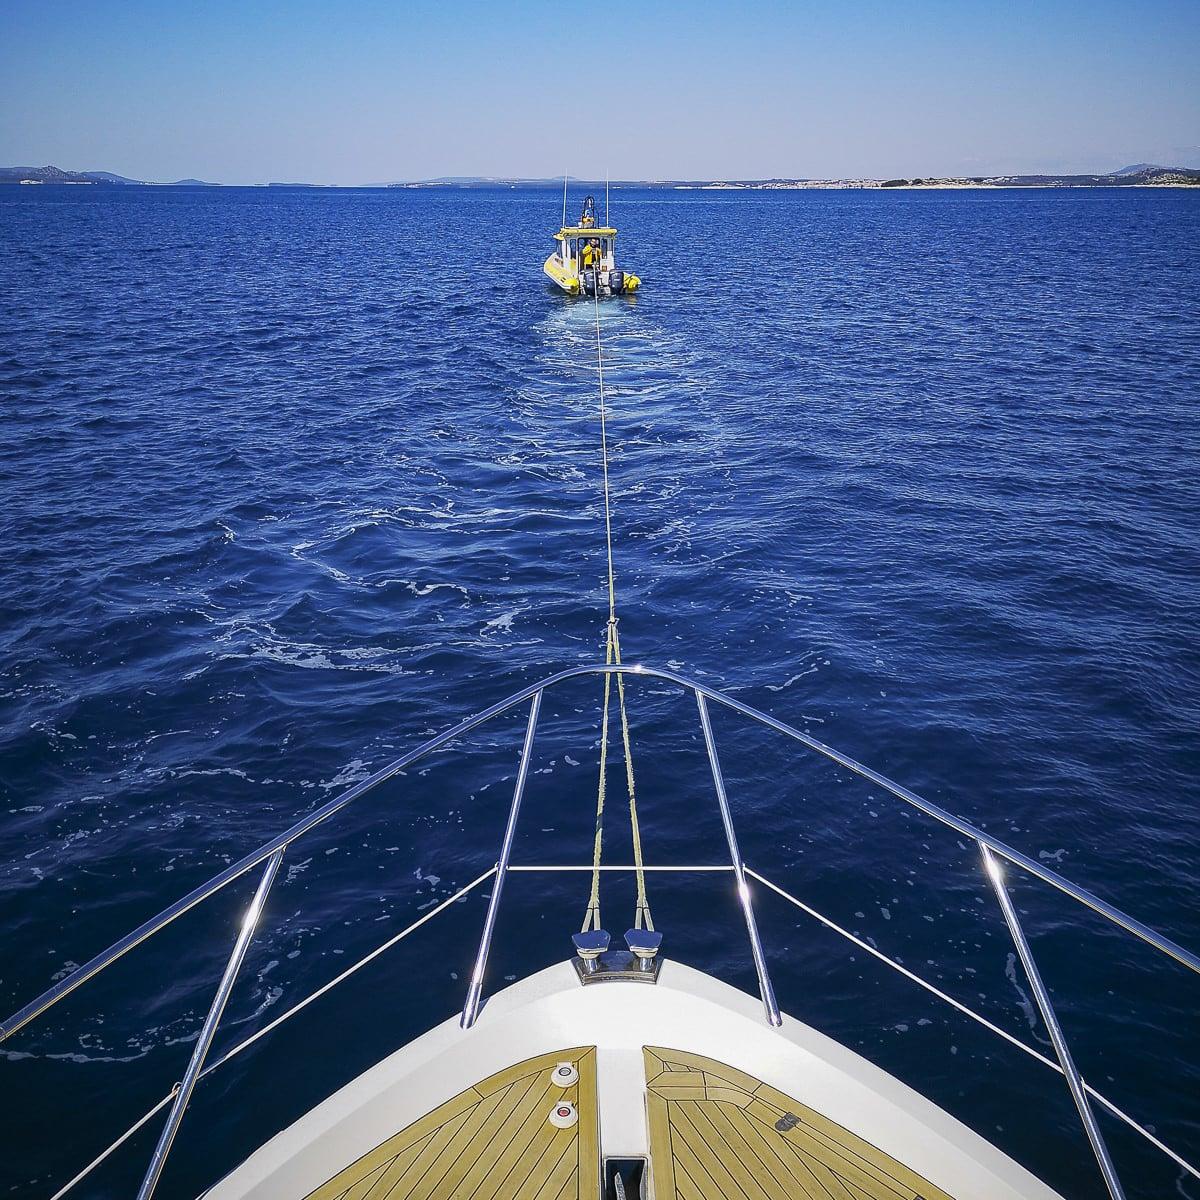 Marina - Marina Schlepp von SeaHelp